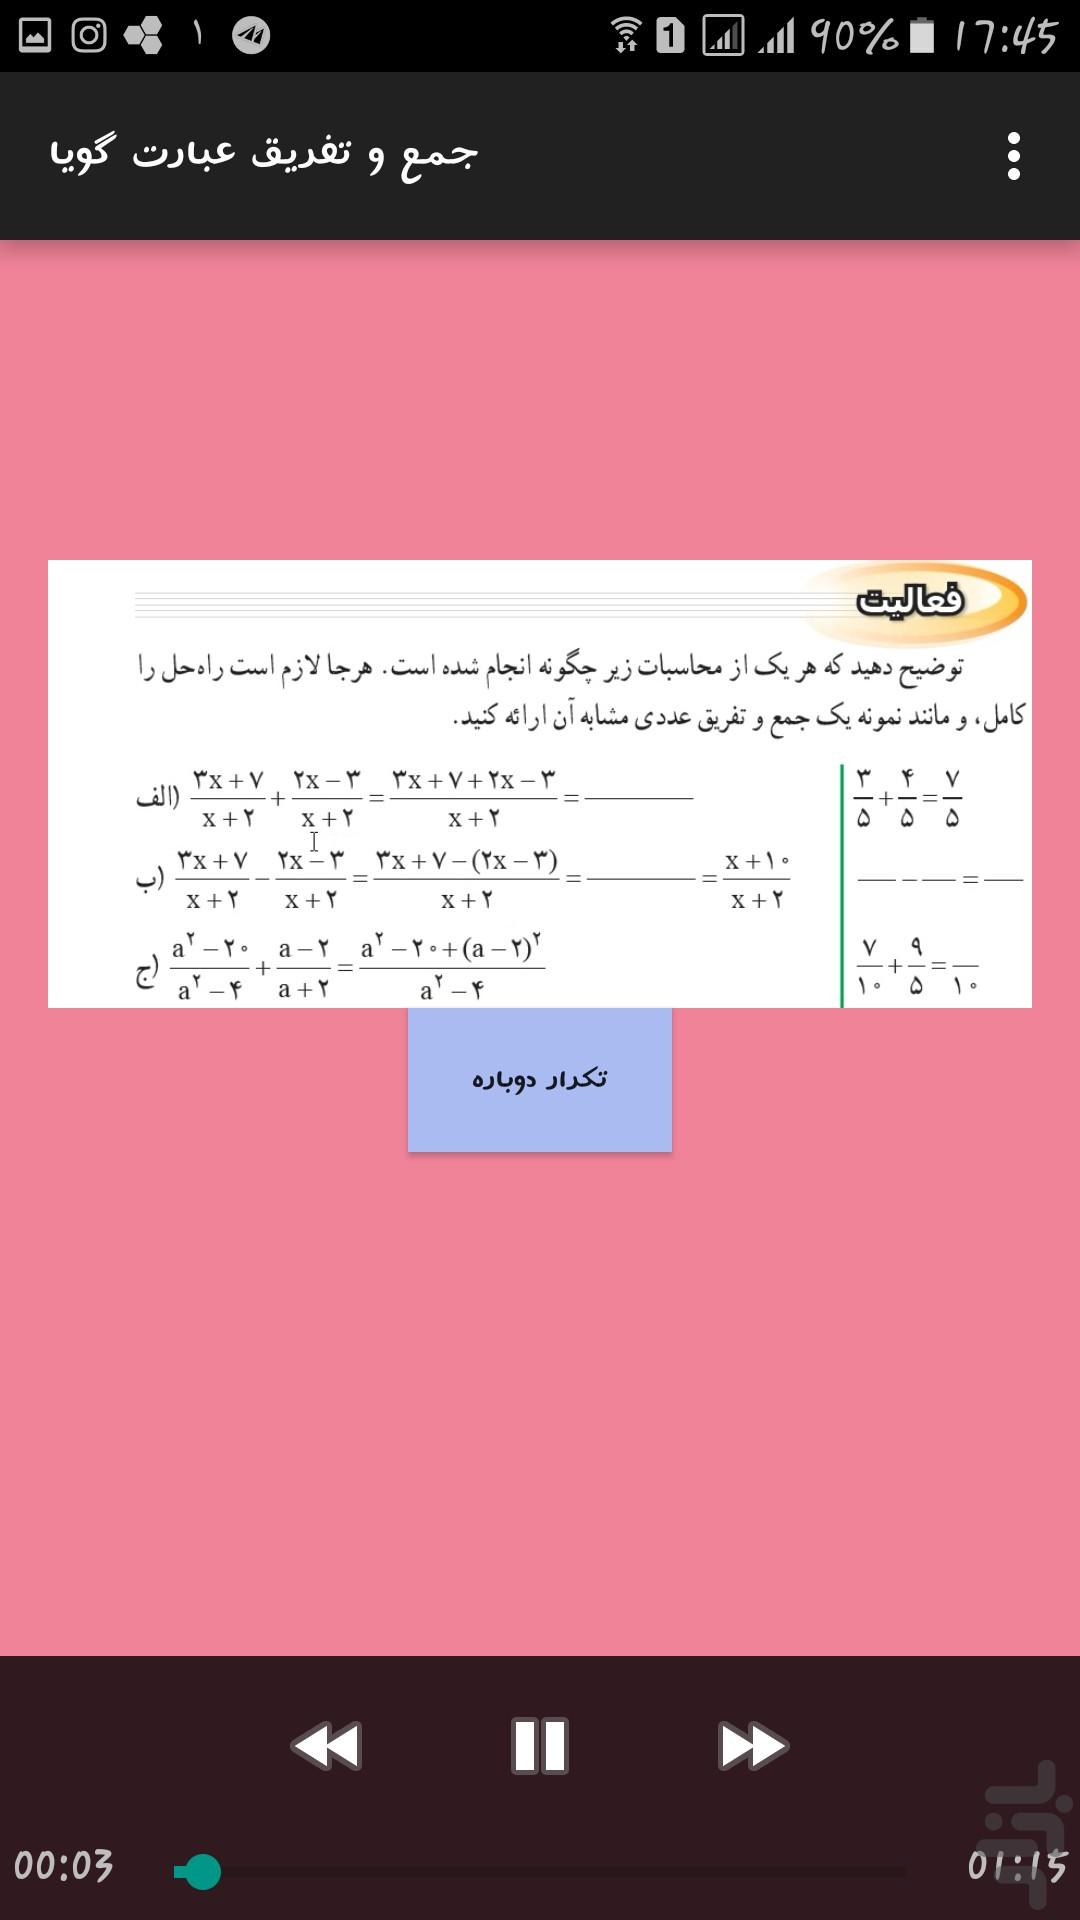 گروه تلگرام ریاضی نهم دبستان هفده شهریور بادرود(اولین دبستان هوشمند بادرود